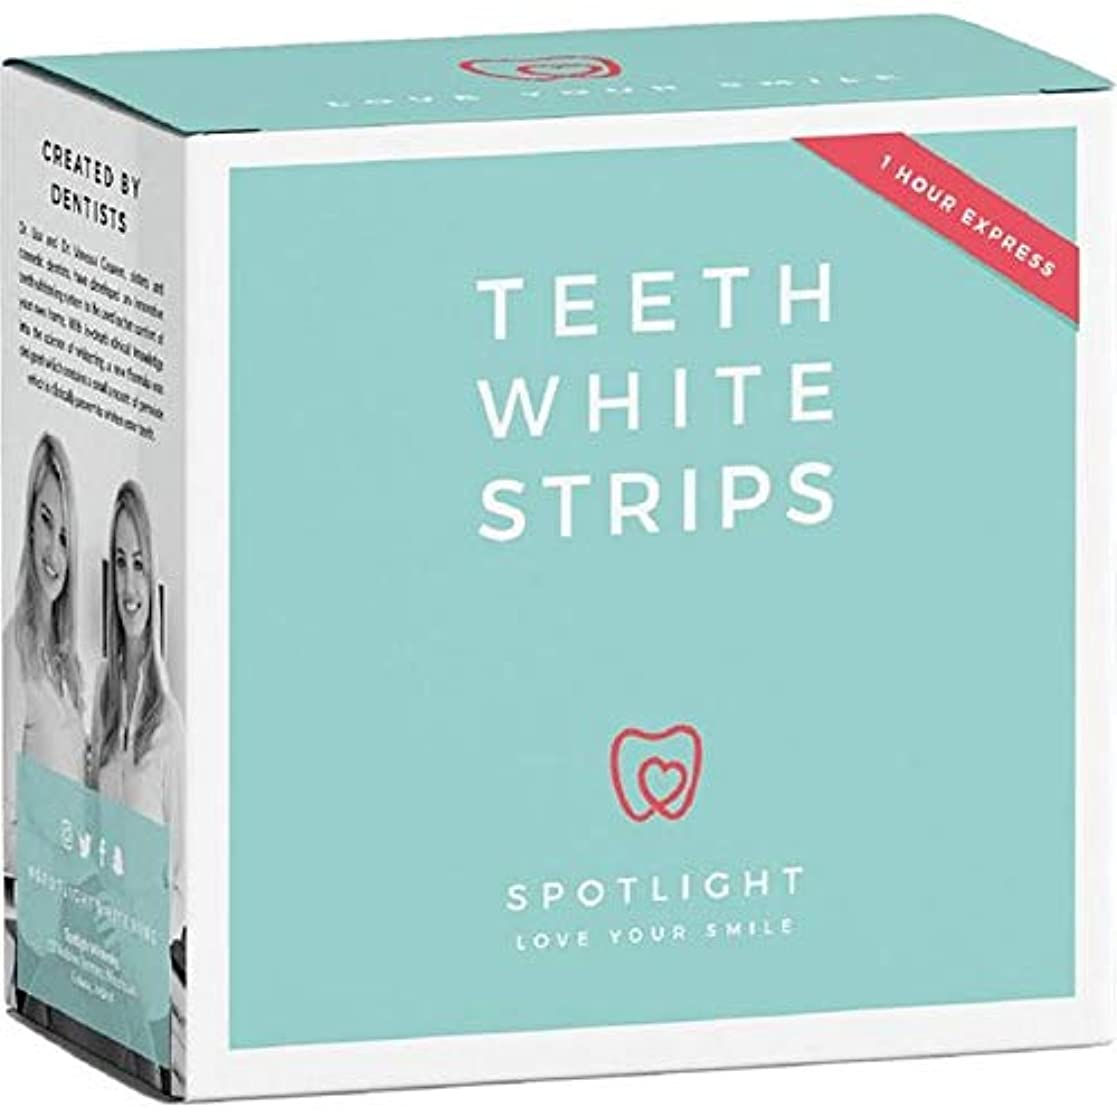 コマースハイブリッドささやき[Spotlight Teeth Whitening ] スポットライトホワイトニング歯ホワイトストリップ - Spotlight Whitening Teeth White Strips [並行輸入品]